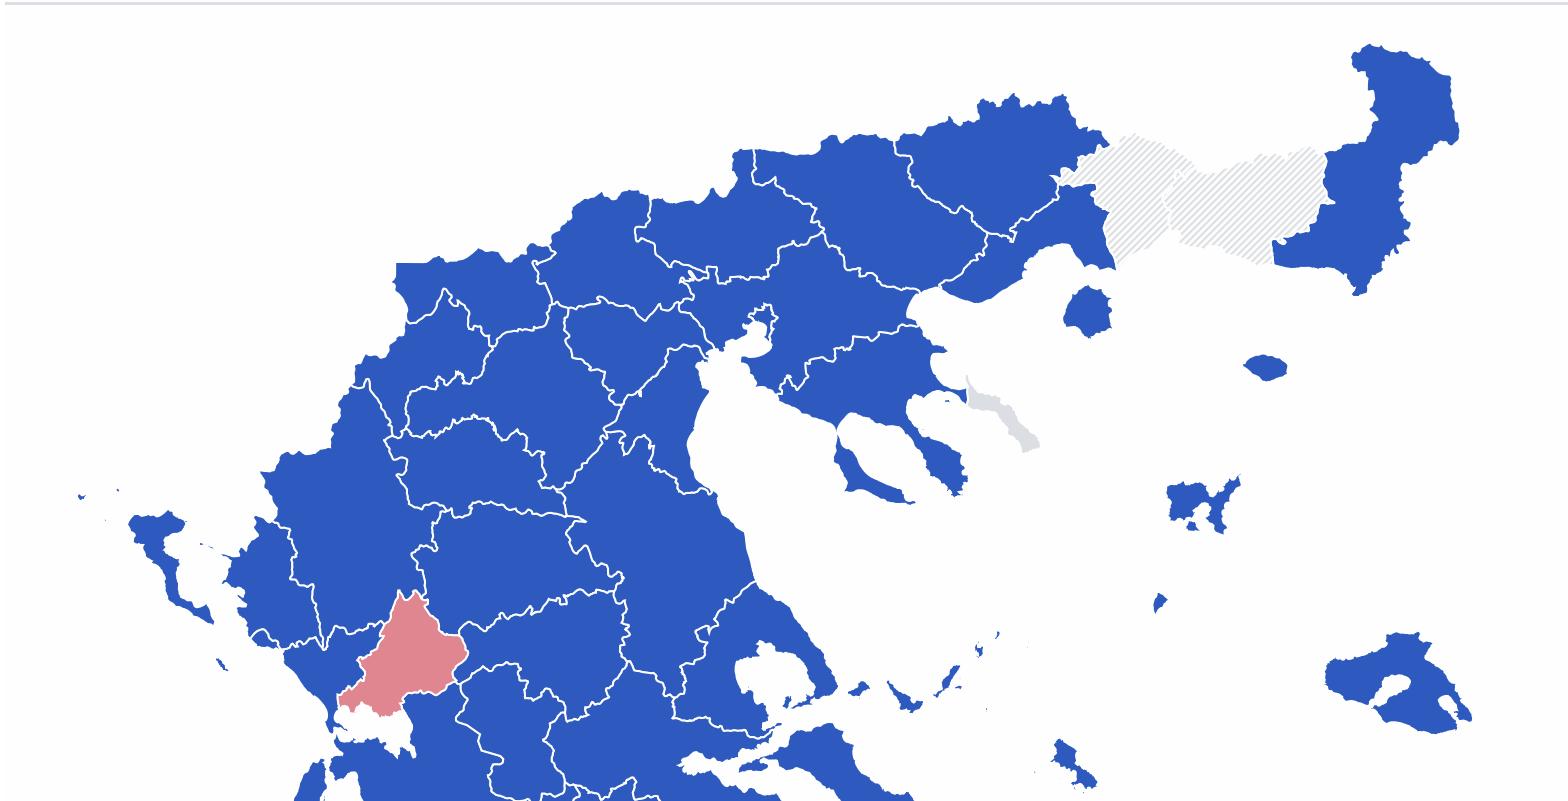 Γνώμη: Το λάθος της στοχοποίησης του μειονοτικού κόμματος στη Θράκη